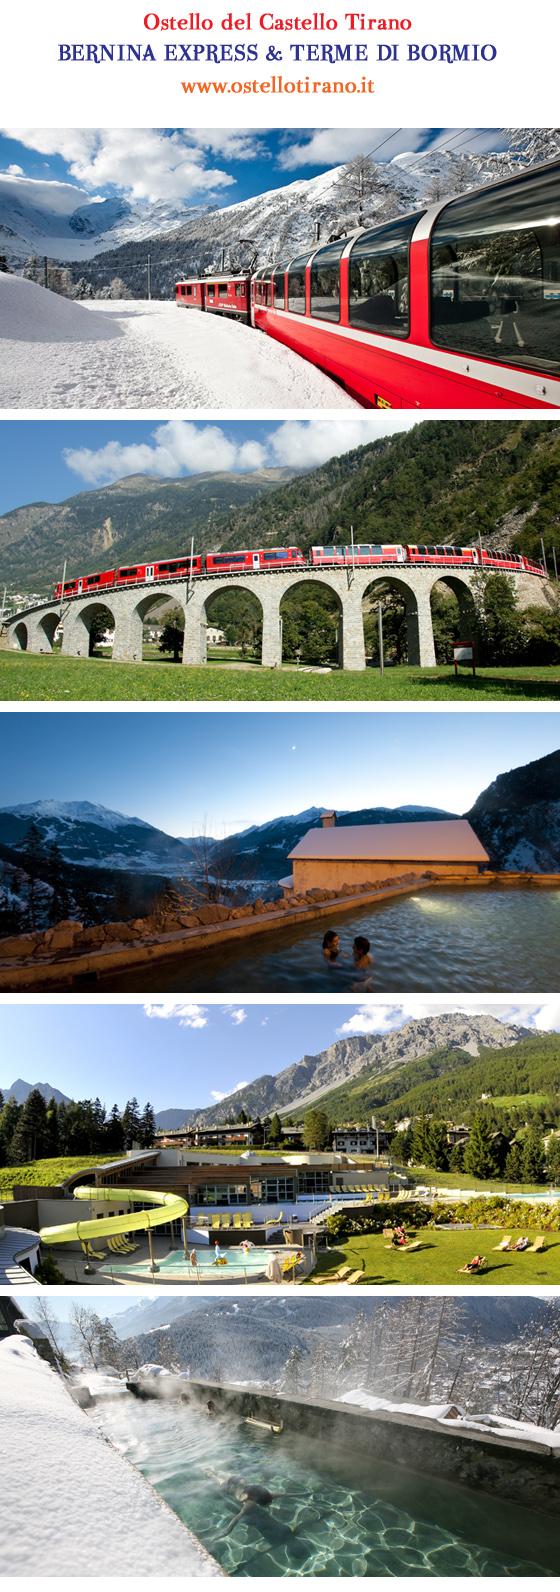 trenino rosso bernina express ferrovia retica bormio terme bagni nuovi bagni vecchi bormio terme